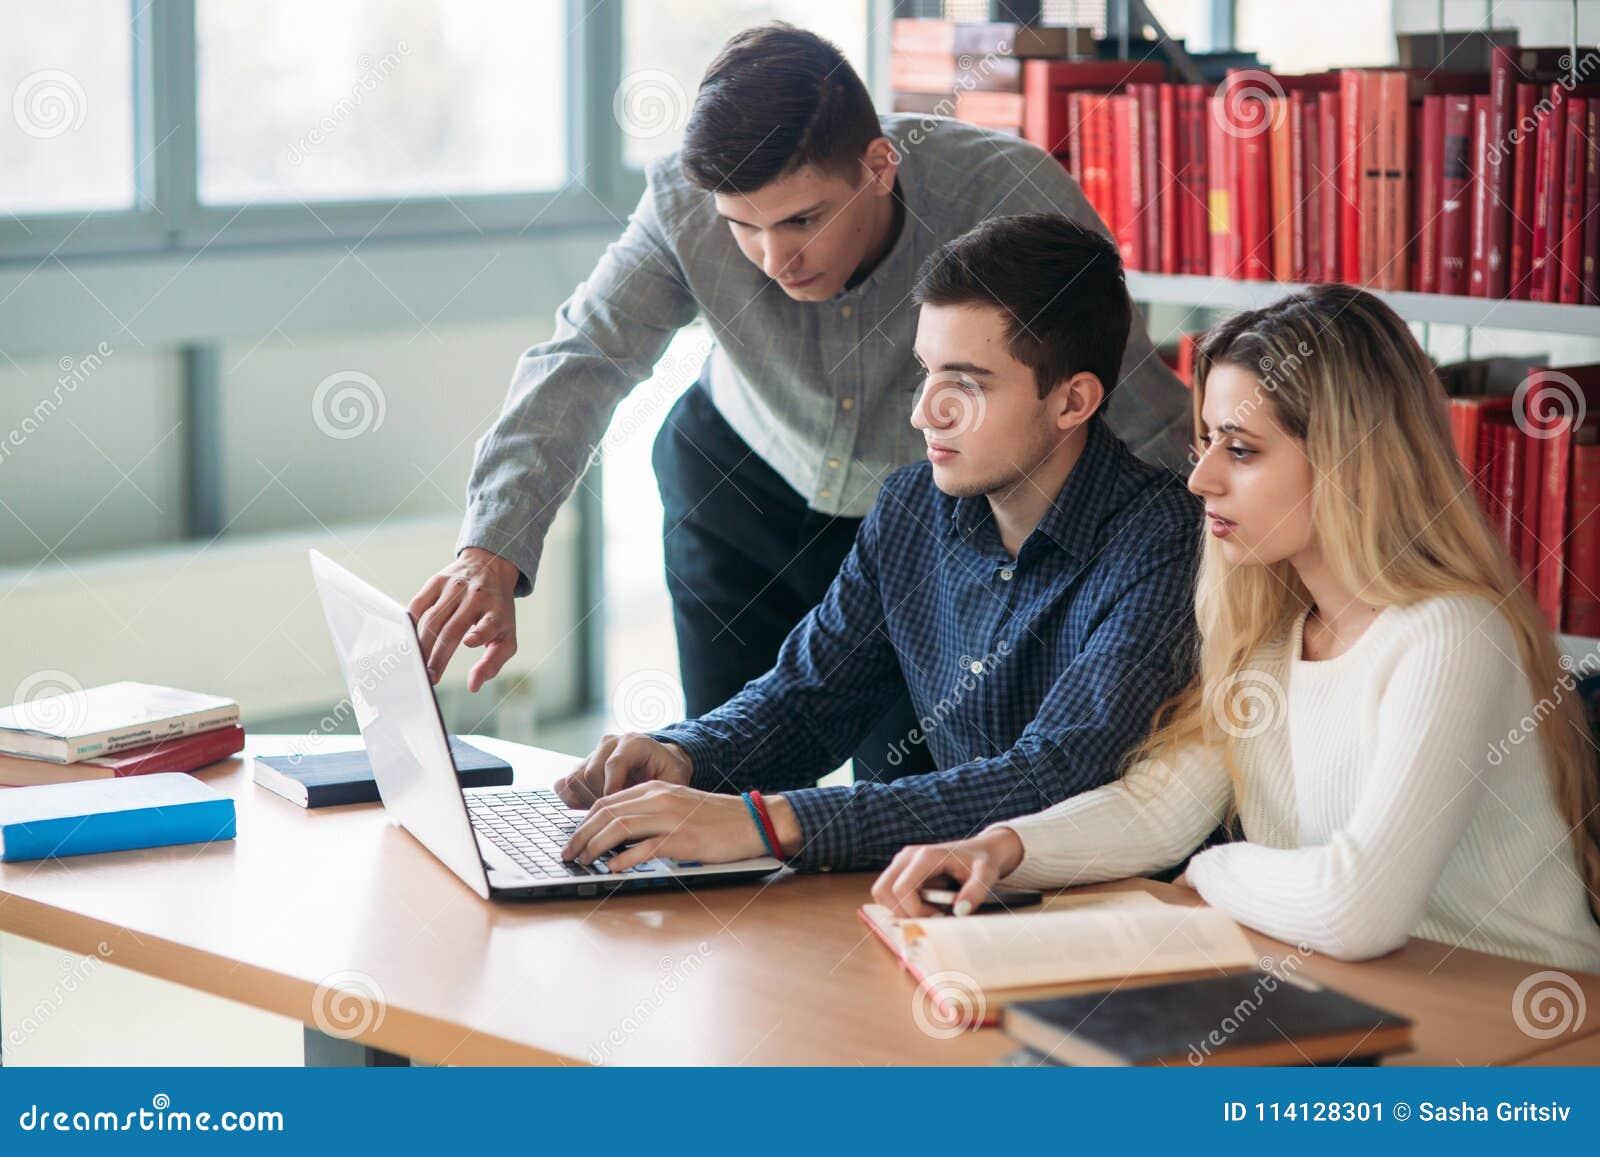 Universitaire studenten die samen bij lijst met boeken en laptop zitten Gelukkige jongeren die groepsstudie in bibliotheek doen